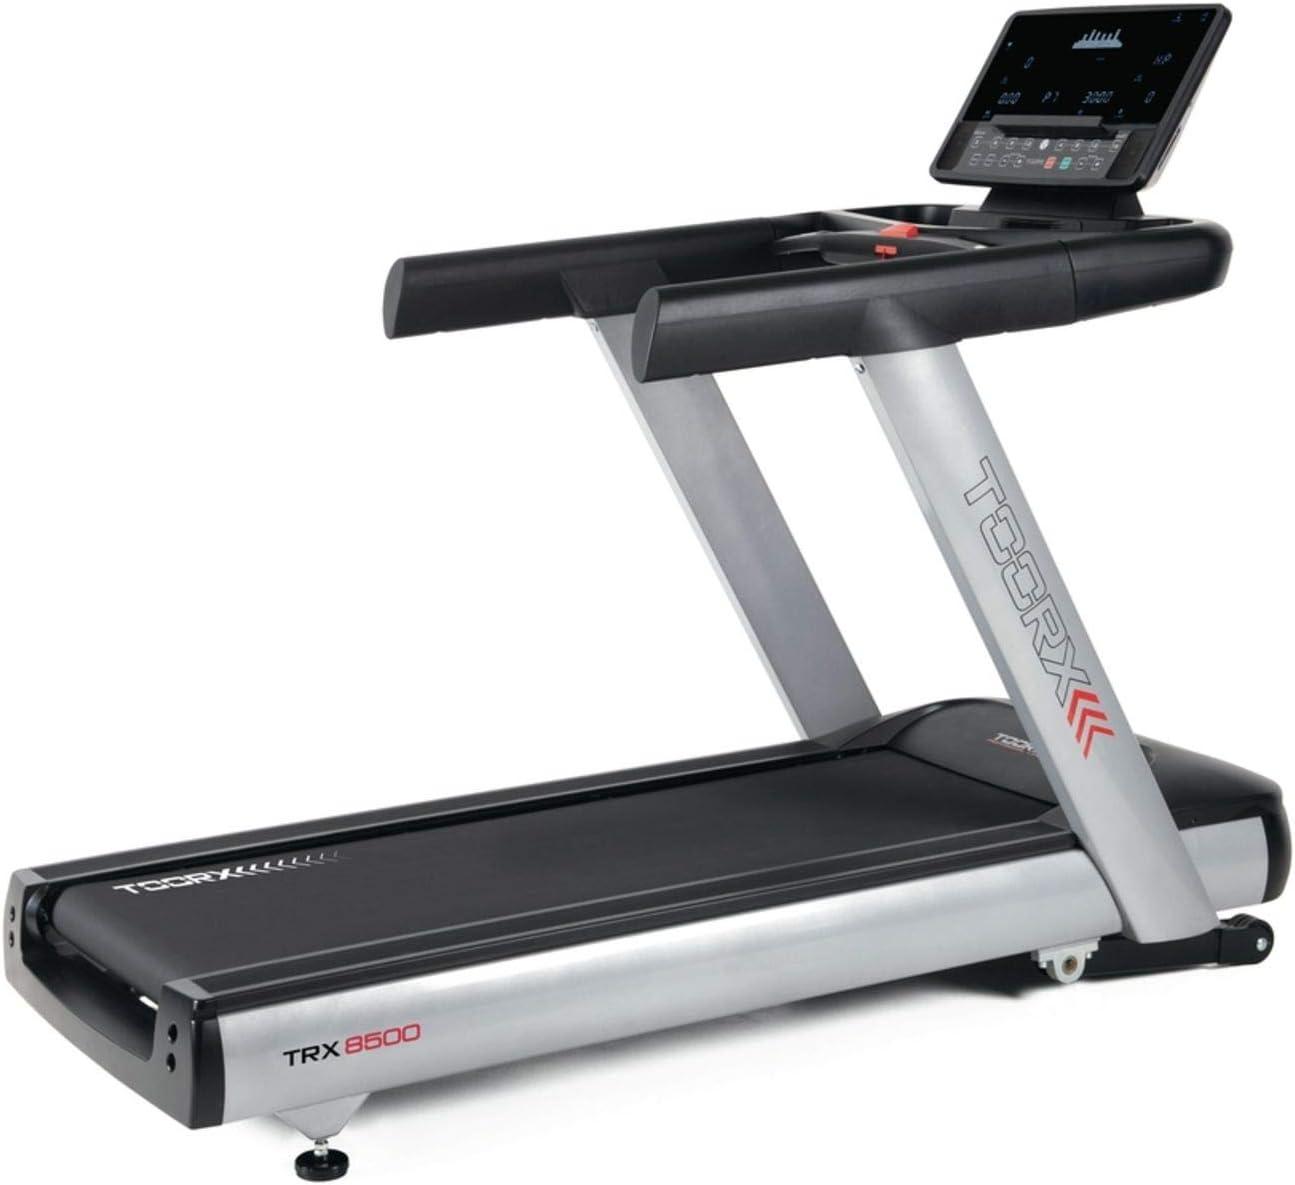 Tapis Roulant Professionale TRX 8500 Toorx: Amazon.es ...